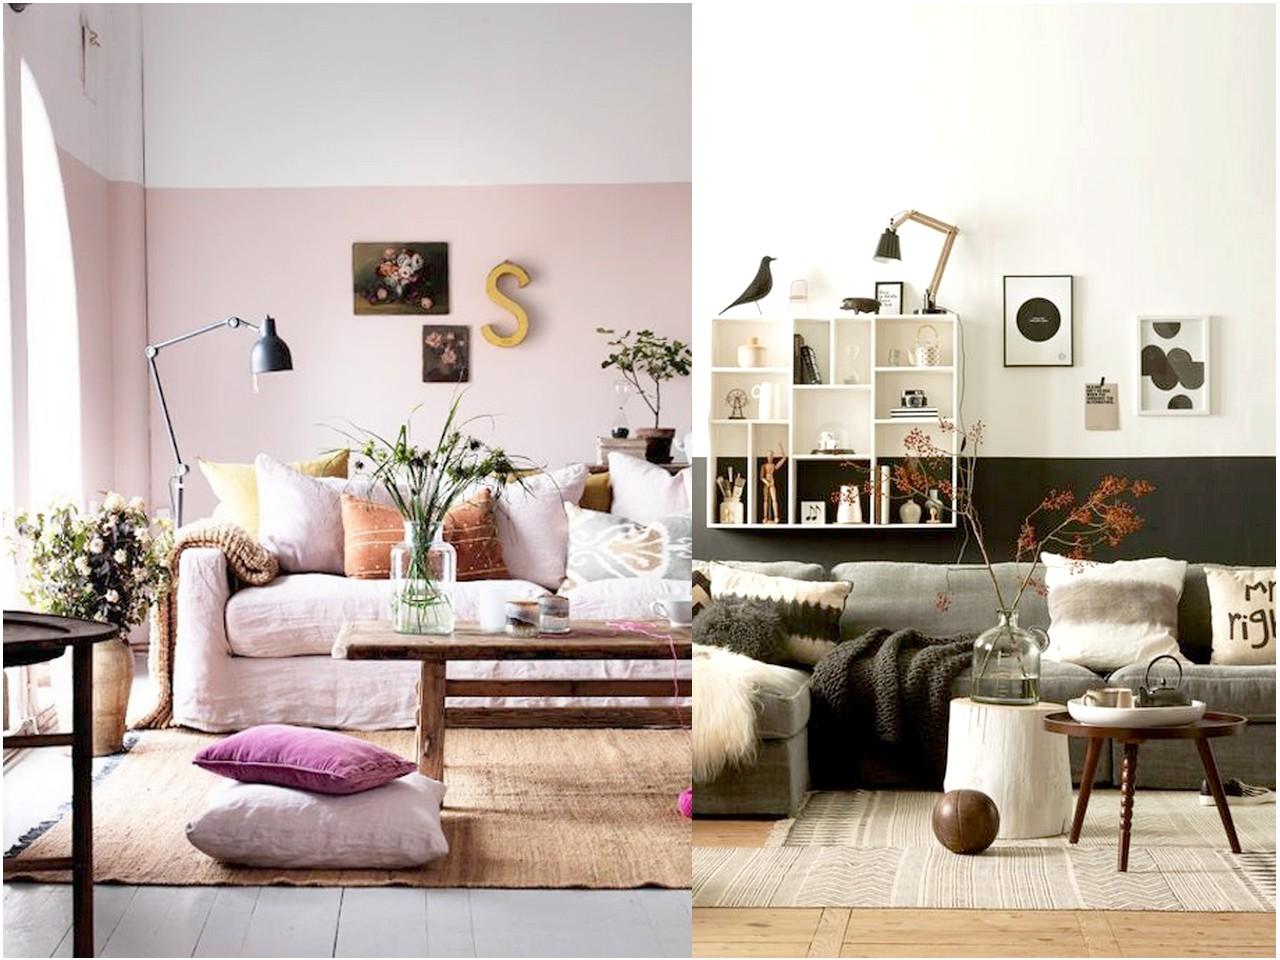 7 ideas para decorar con poco dinero el sal n de tu casa - Decorar tu salon ...